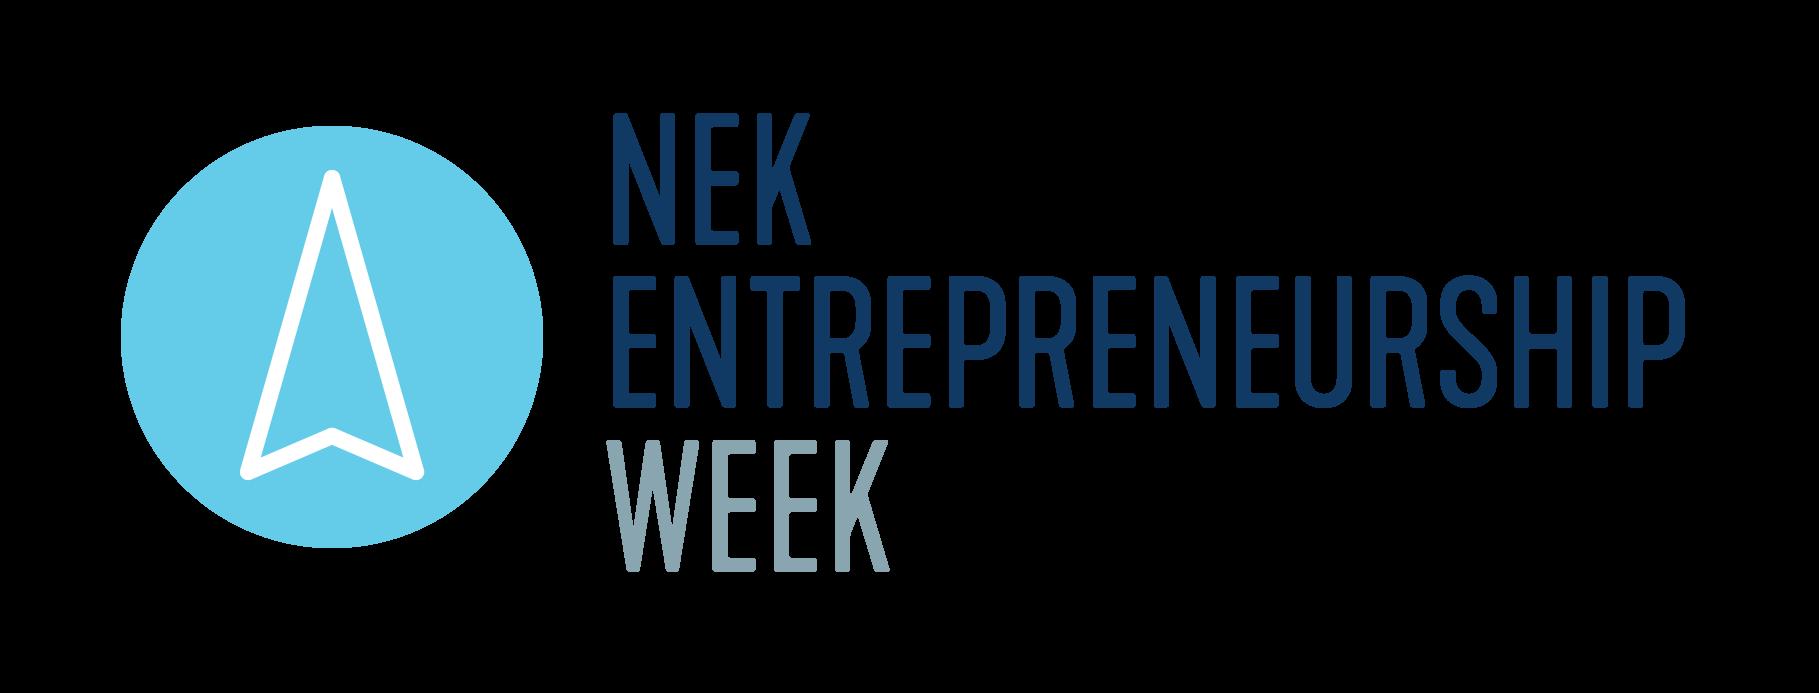 VtSBDC to host two events during 2020 NEK Entrepreneurship Week